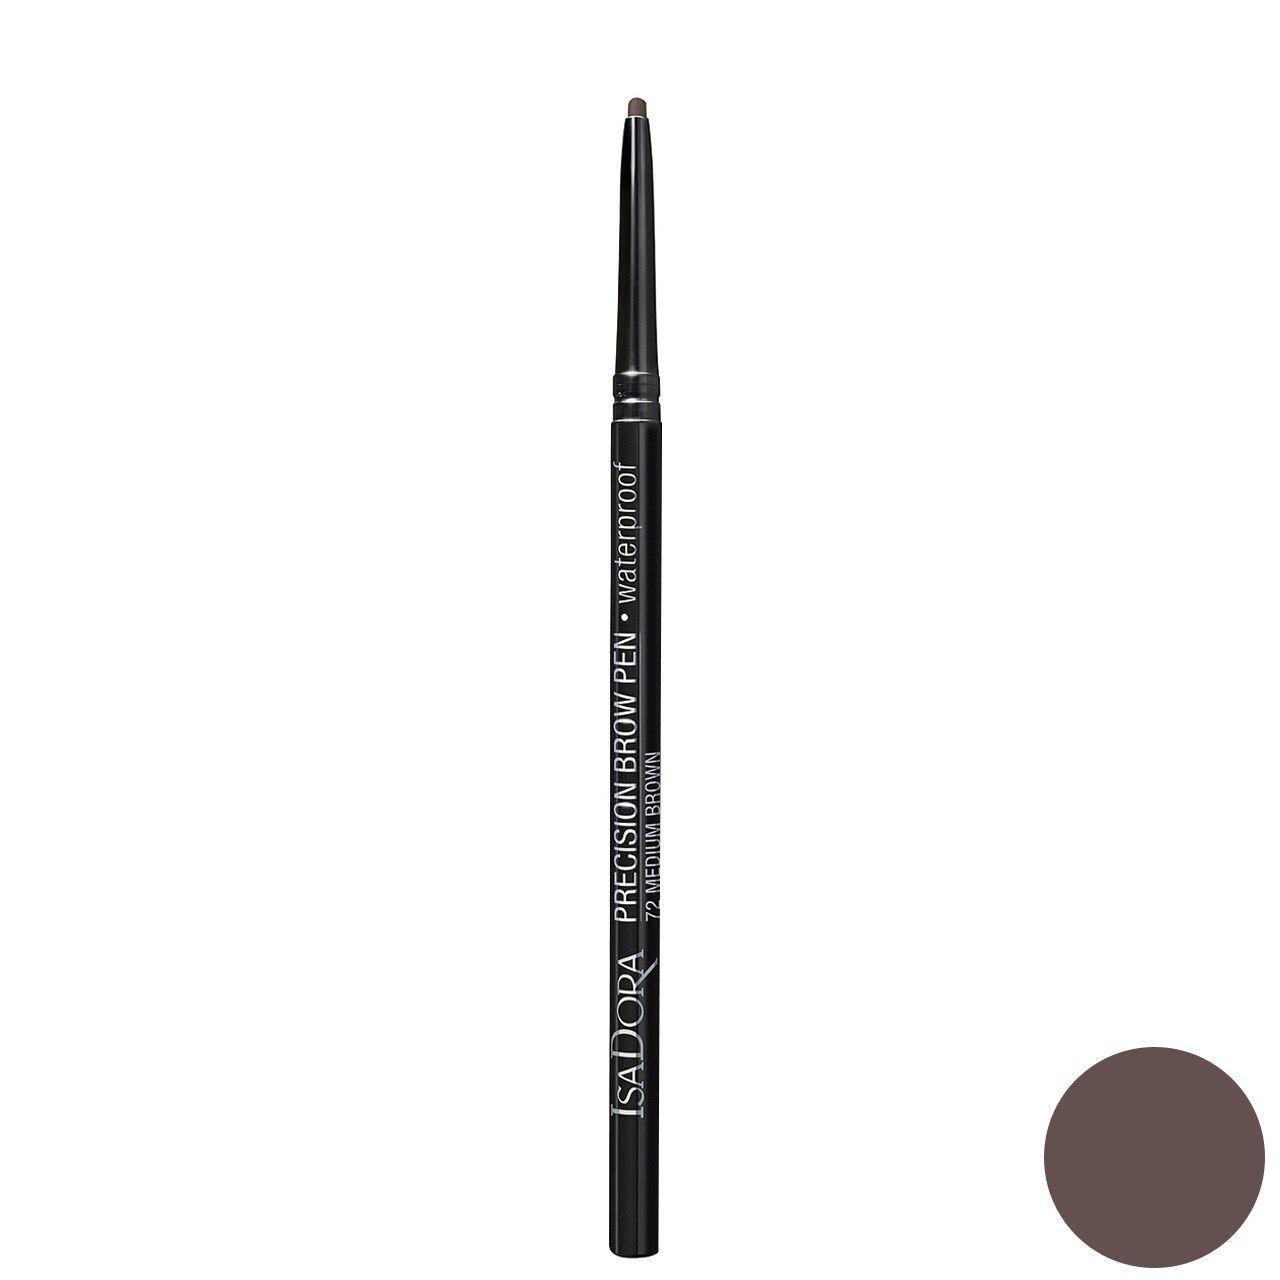 مداد ابرو ایزادورا مدل Precision Brow Pen شماره 72 -  - 1